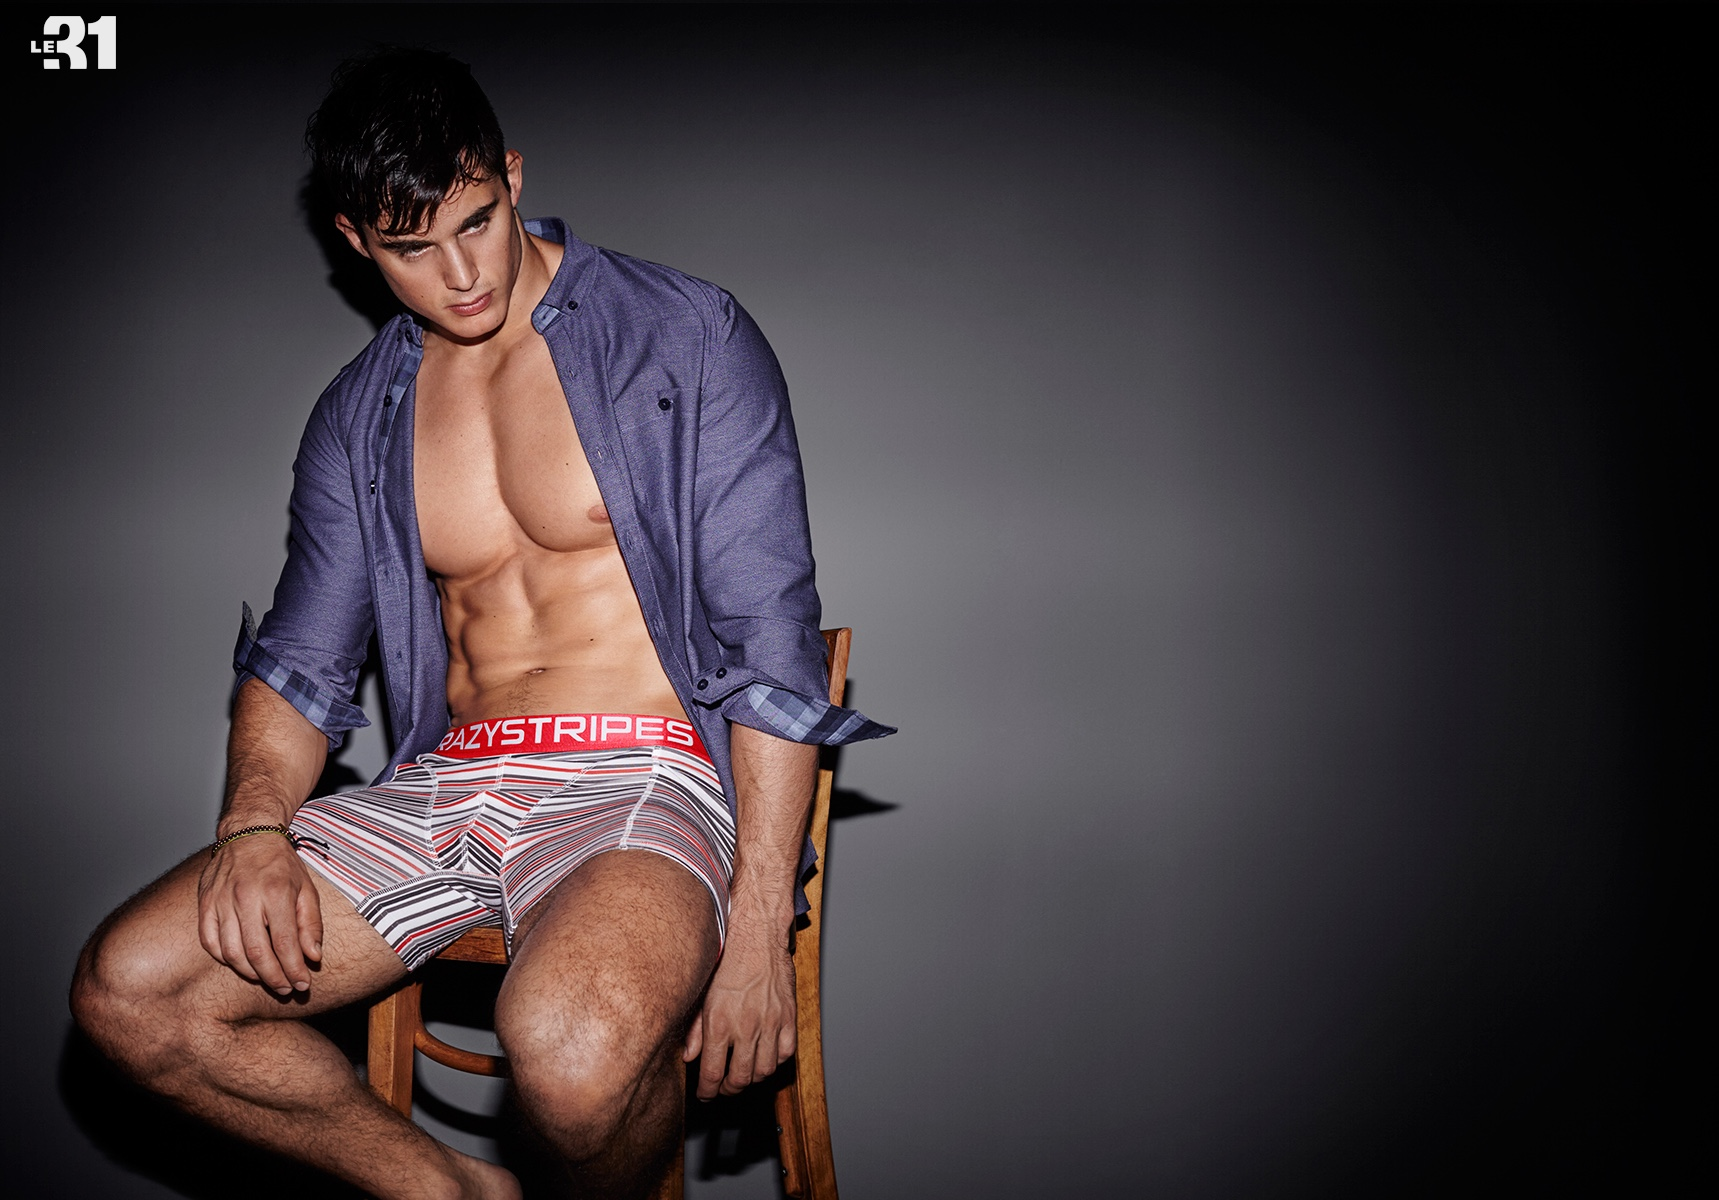 Pietro Boselli for Simons 2015 Underwear Photo Shoot